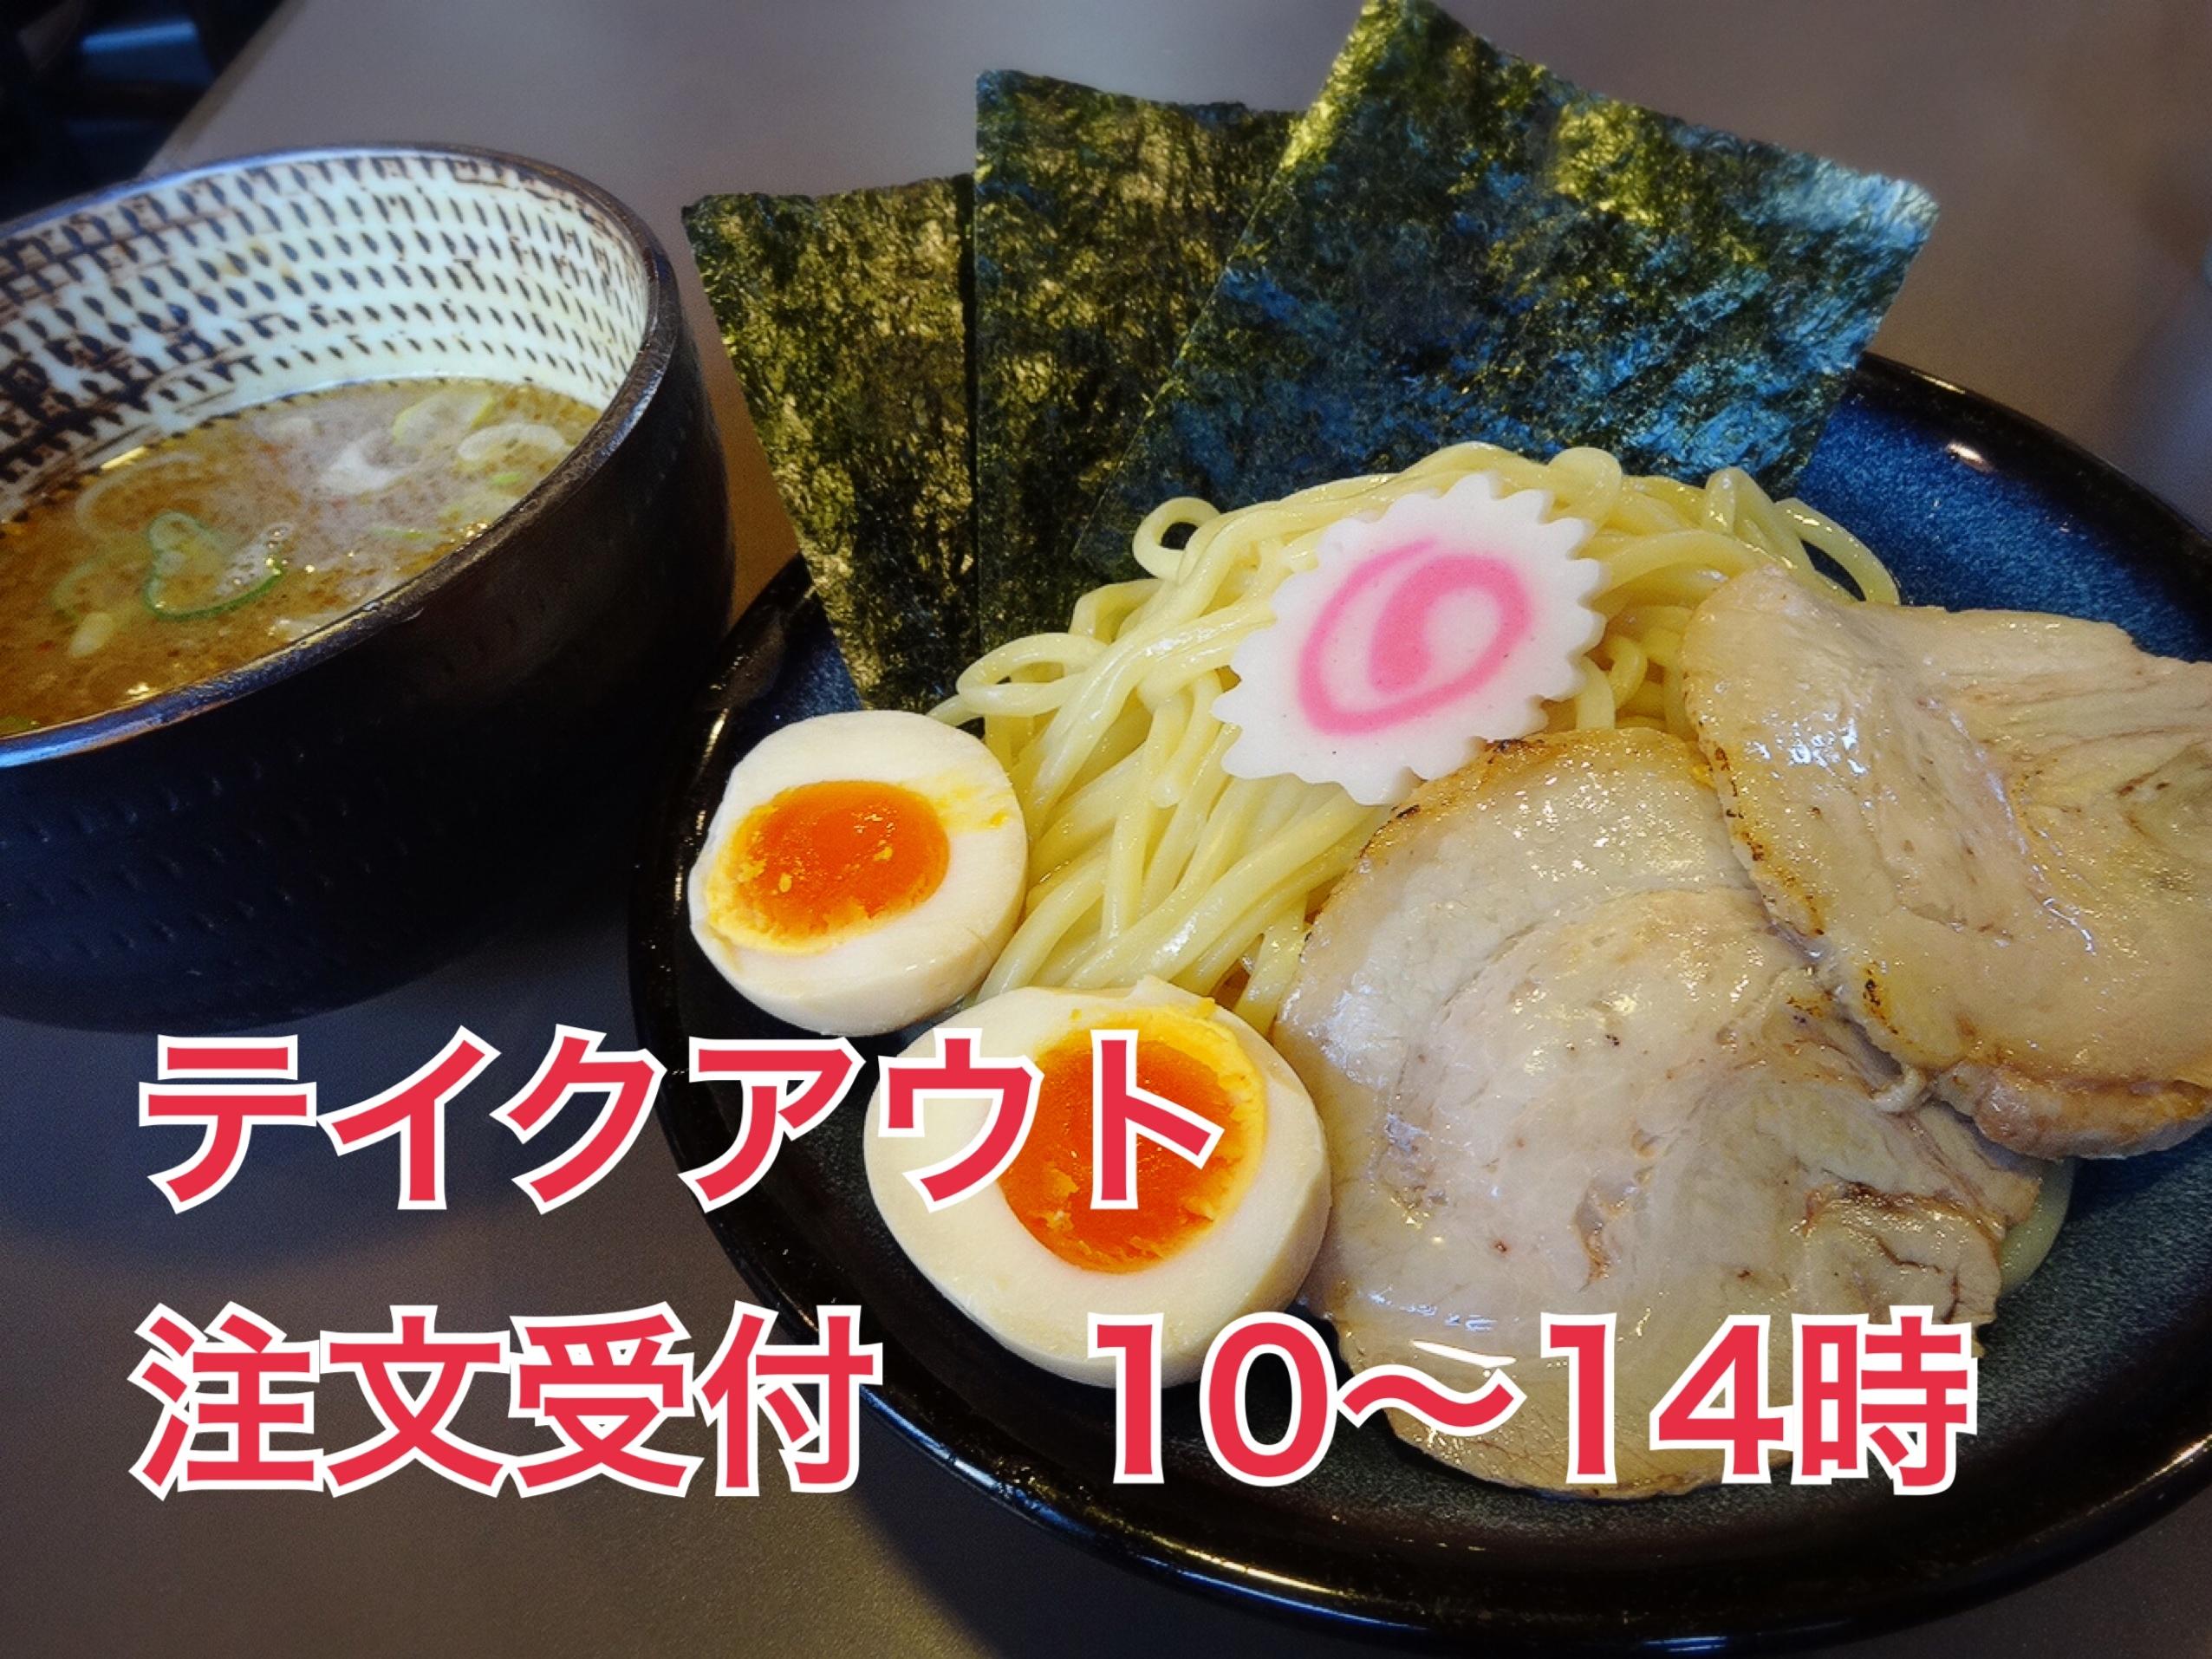 麺彩房中野本店 テイクアウト受付時間